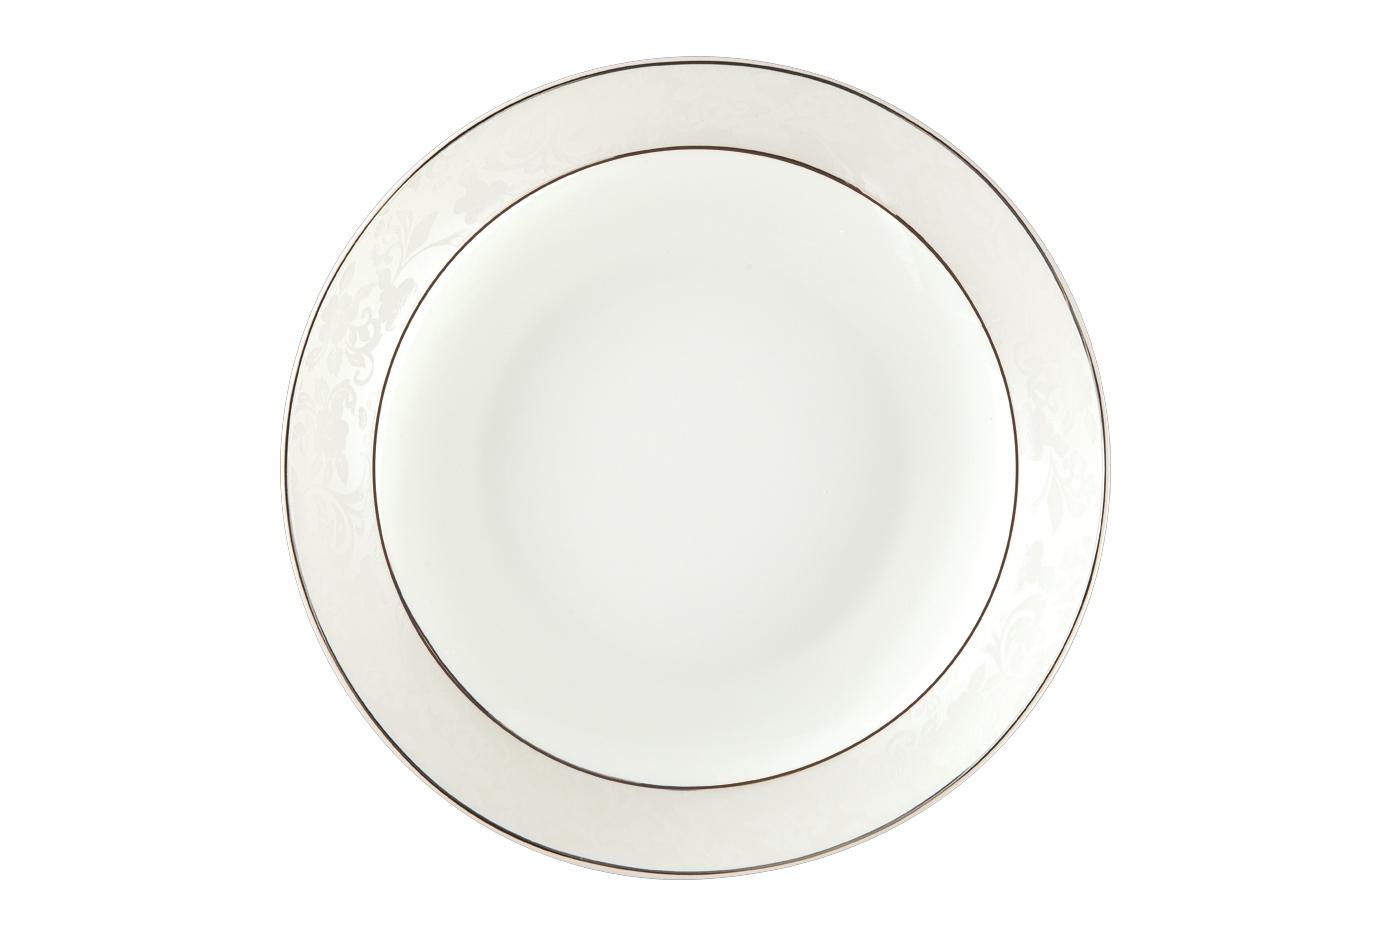 Набор из 6 тарелок суповых Royal Aurel Пион белый (20см) арт.705Наборы тарелок<br>Набор из 6 тарелок суповых Royal Aurel Пион белый (20см) арт.705<br>Производить посуду из фарфора начали в Китае на стыке 6-7 веков. Неустанно совершенствуя и селективно отбирая сырье для производства посуды из фарфора, мастерам удалось добиться выдающихся характеристик фарфора: белизны и тонкостенности. В XV веке появился особый интерес к китайской фарфоровой посуде, так как в это время Европе возникла мода на самобытные китайские вещи. Роскошный китайский фарфор являлся изыском и был в новинку, поэтому он выступал в качестве подарка королям, а также знатным людям. Такой дорогой подарок был очень престижен и по праву являлся элитной посудой. Как известно из многочисленных исторических документов, в Европе китайские изделия из фарфора ценились практически как золото. <br>Проверка изделий из костяного фарфора на подлинность <br>По сравнению с производством других видов фарфора процесс производства изделий из настоящего костяного фарфора сложен и весьма длителен. Посуда из изящного фарфора - это элитная посуда, которая всегда ассоциируется с богатством, величием и благородством. Несмотря на небольшую толщину, фарфоровая посуда - это очень прочное изделие. Для демонстрации плотности и прочности фарфора можно легко коснуться предметов посуды из фарфора деревянной палочкой, и тогда мы услушим характерный металлический звон. В составе фарфоровой посуды присутствует костяная зола, благодаря чему она может быть намного тоньше (не более 2,5 мм) и легче твердого или мягкого фарфора. Безупречная белизна - ключевой признак отличия такого фарфора от других. Цвет обычного фарфора сероватый или ближе к голубоватому, а костяной фарфор будет всегда будет молочно-белого цвета. Характерная и немаловажная деталь - это невесомая прозрачность изделий из фарфора такая, что сквозь него проходит свет.<br>